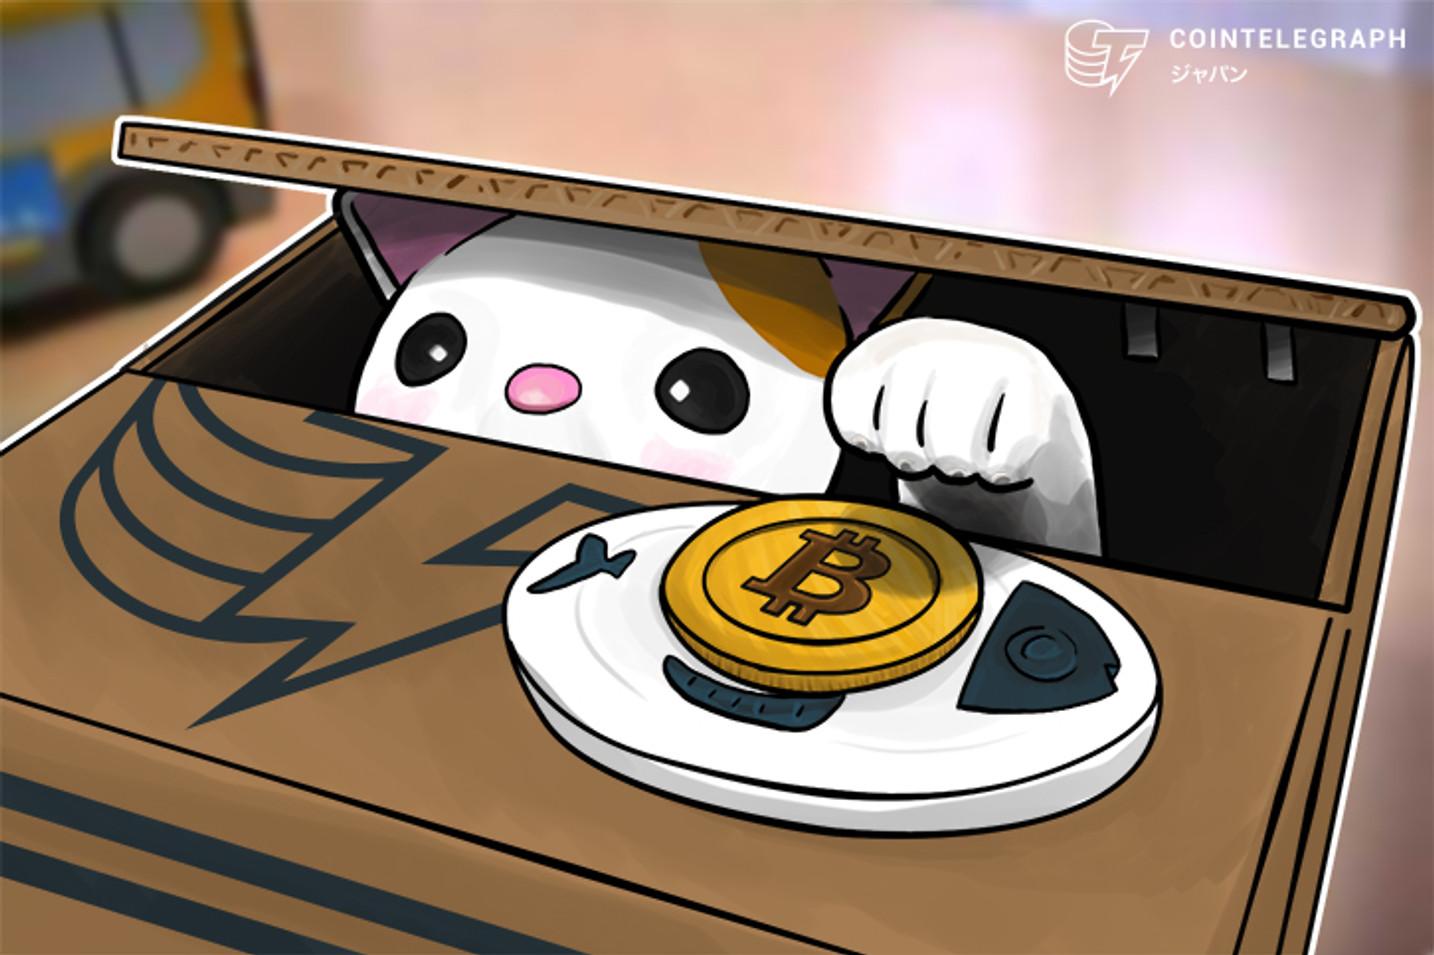 スマホゲーム開発のgumi、仮想通貨事業に参入、30億円規模のファンド設立